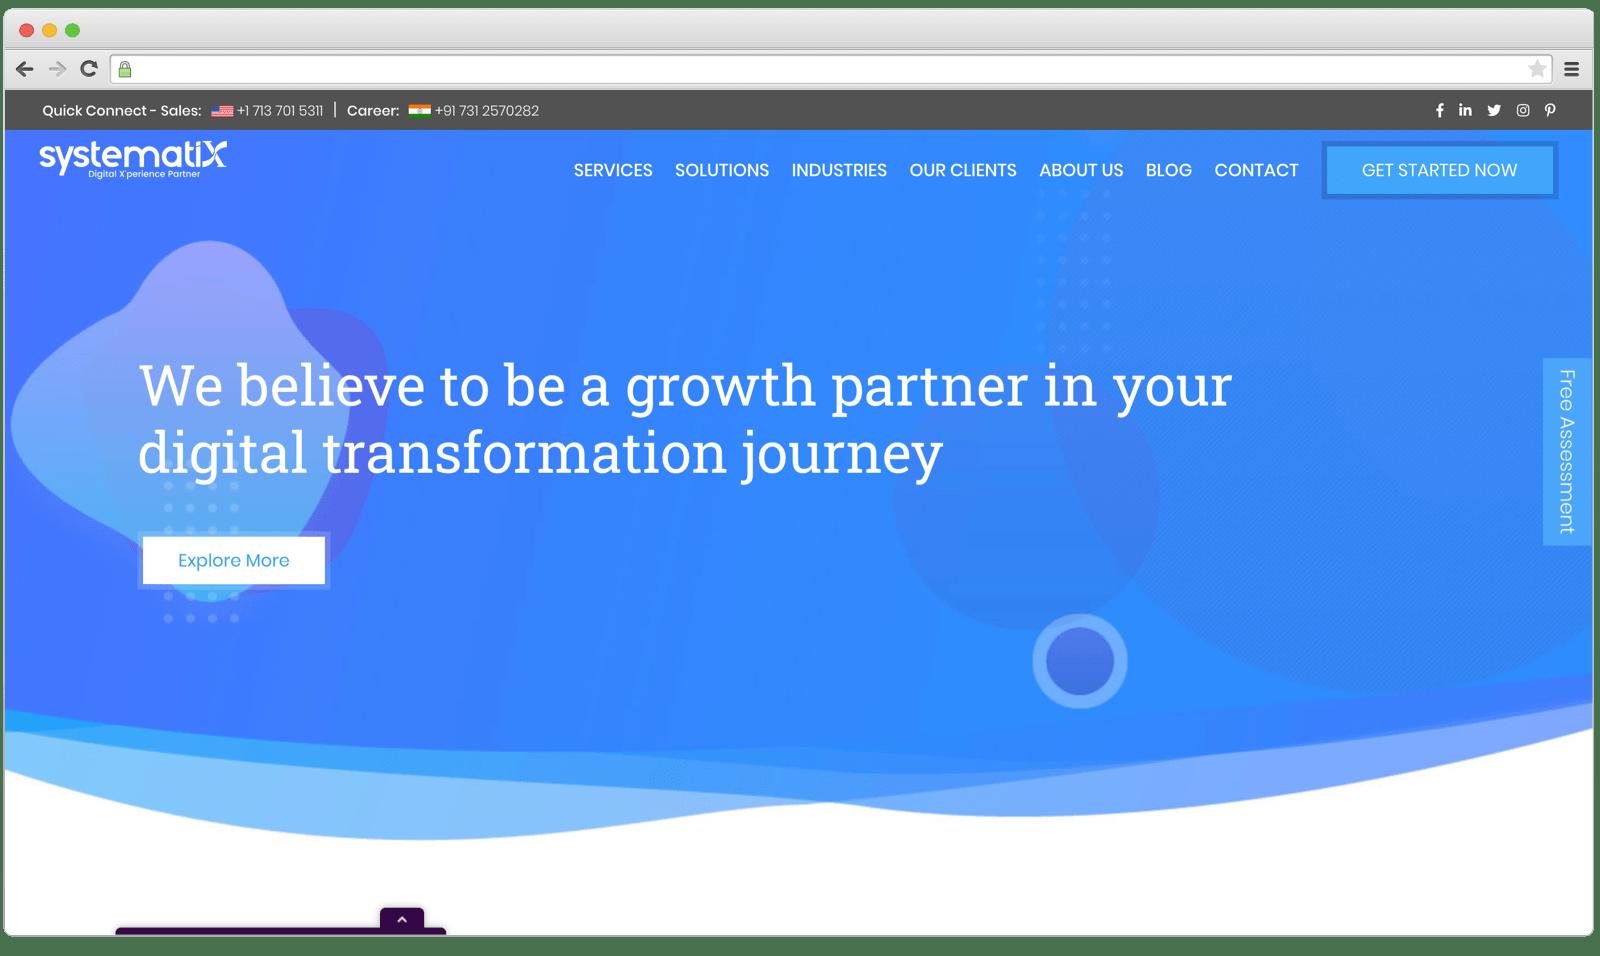 Systematix Infotech Pvt. Ltd